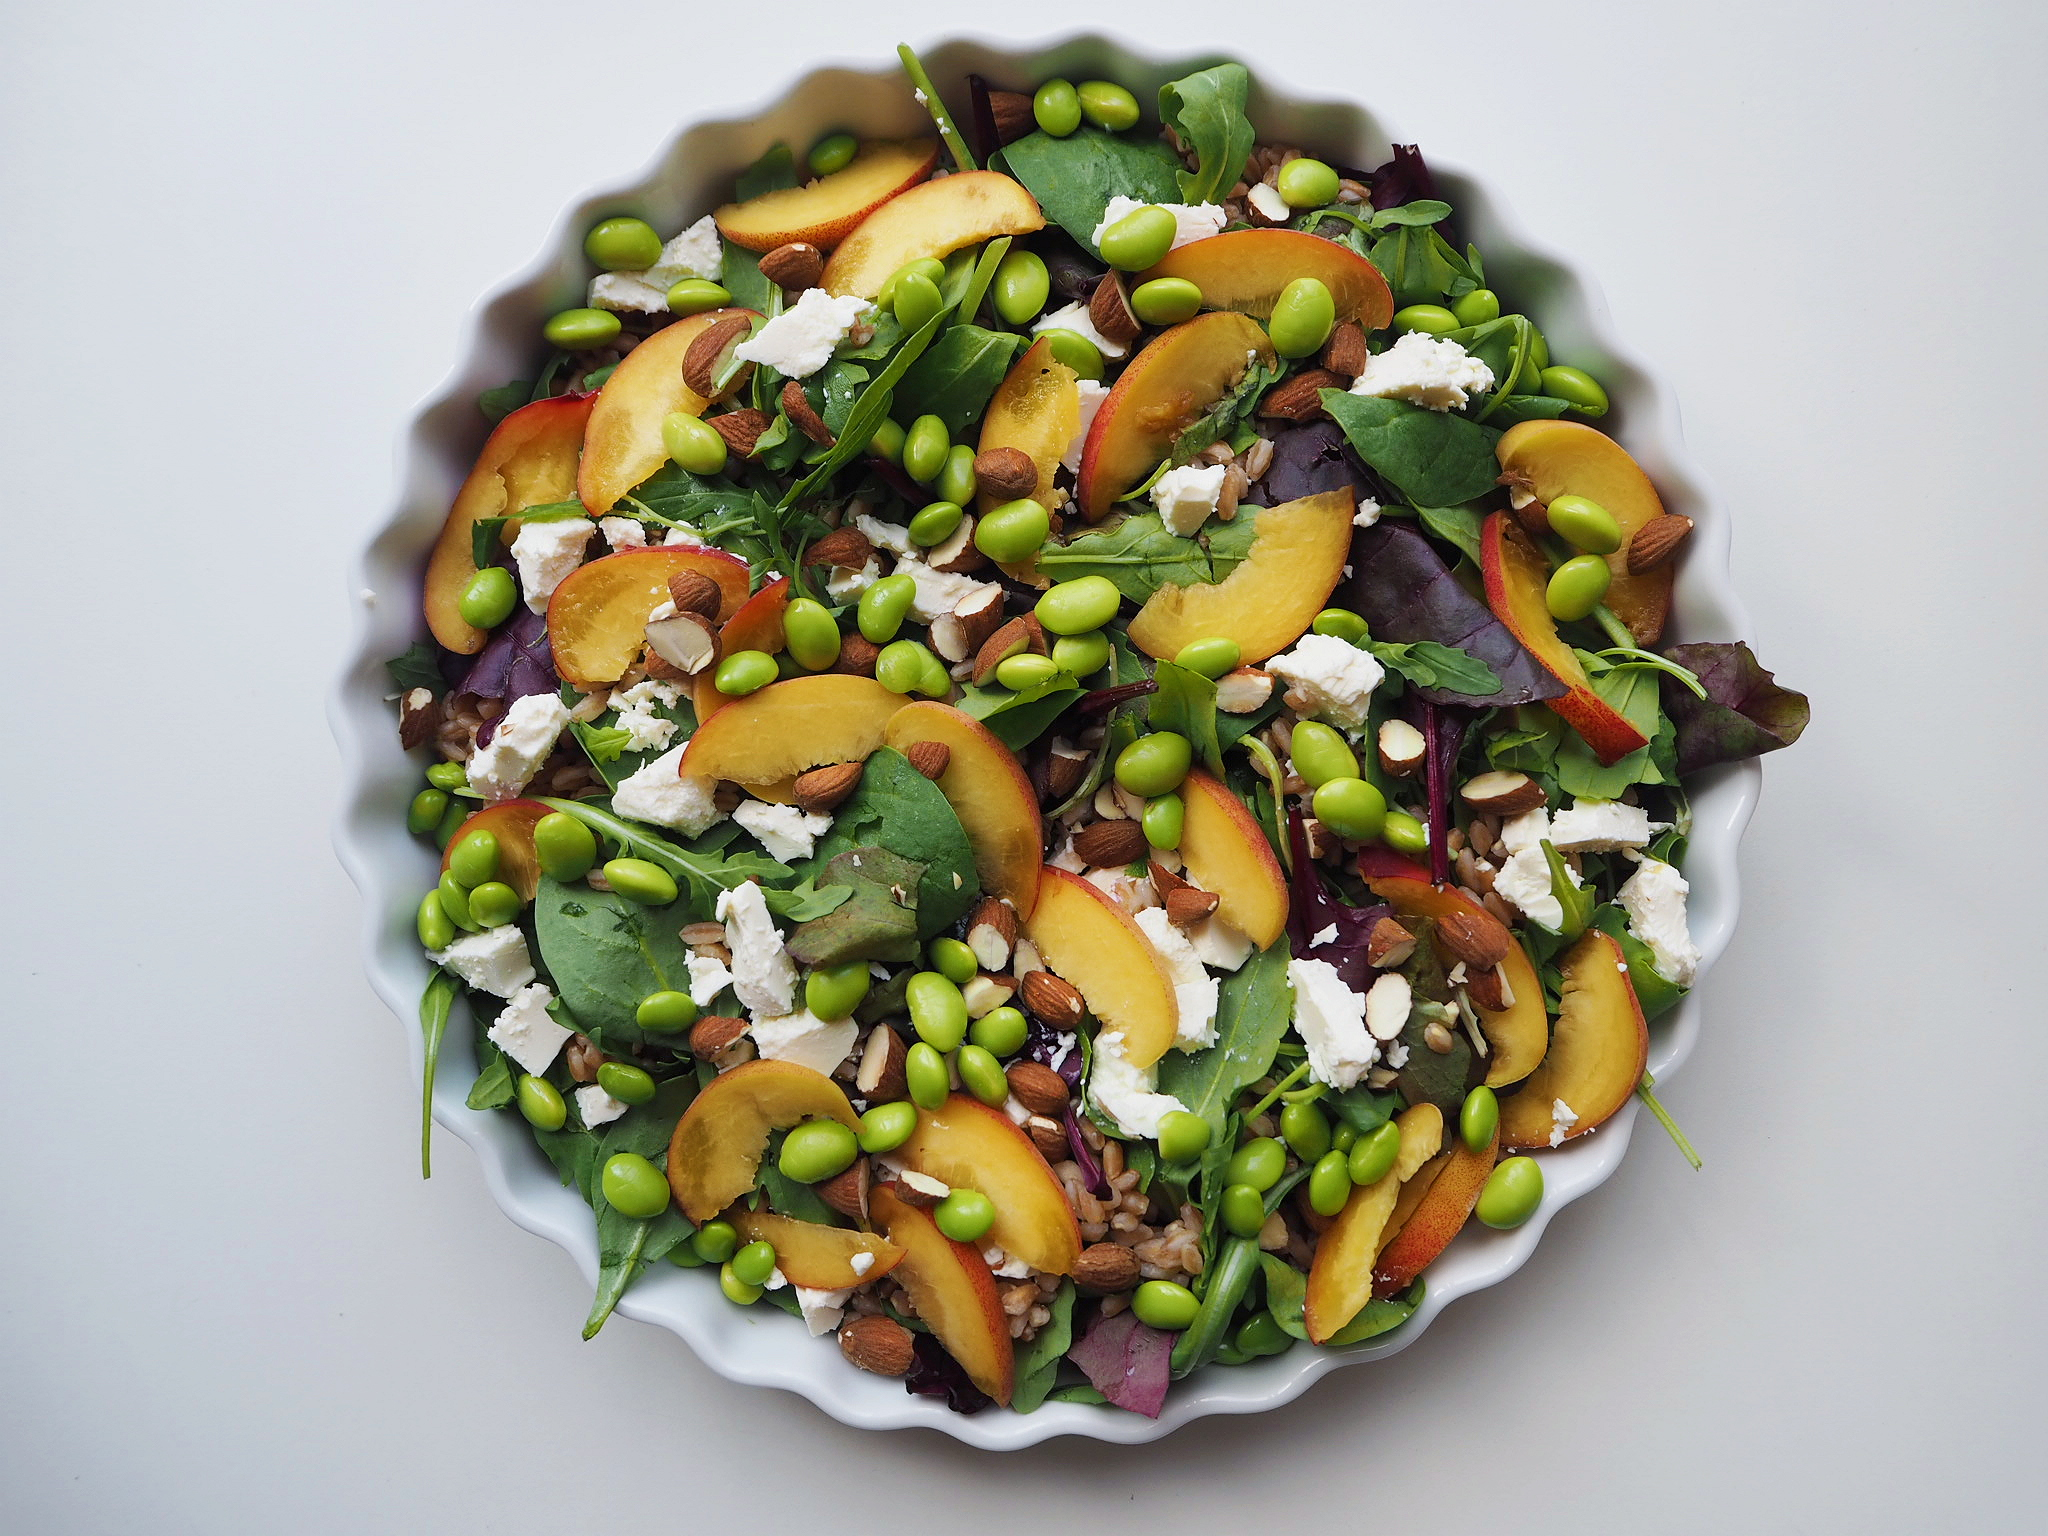 Perlespeltsalat med nektarin, feta og edamamebønner